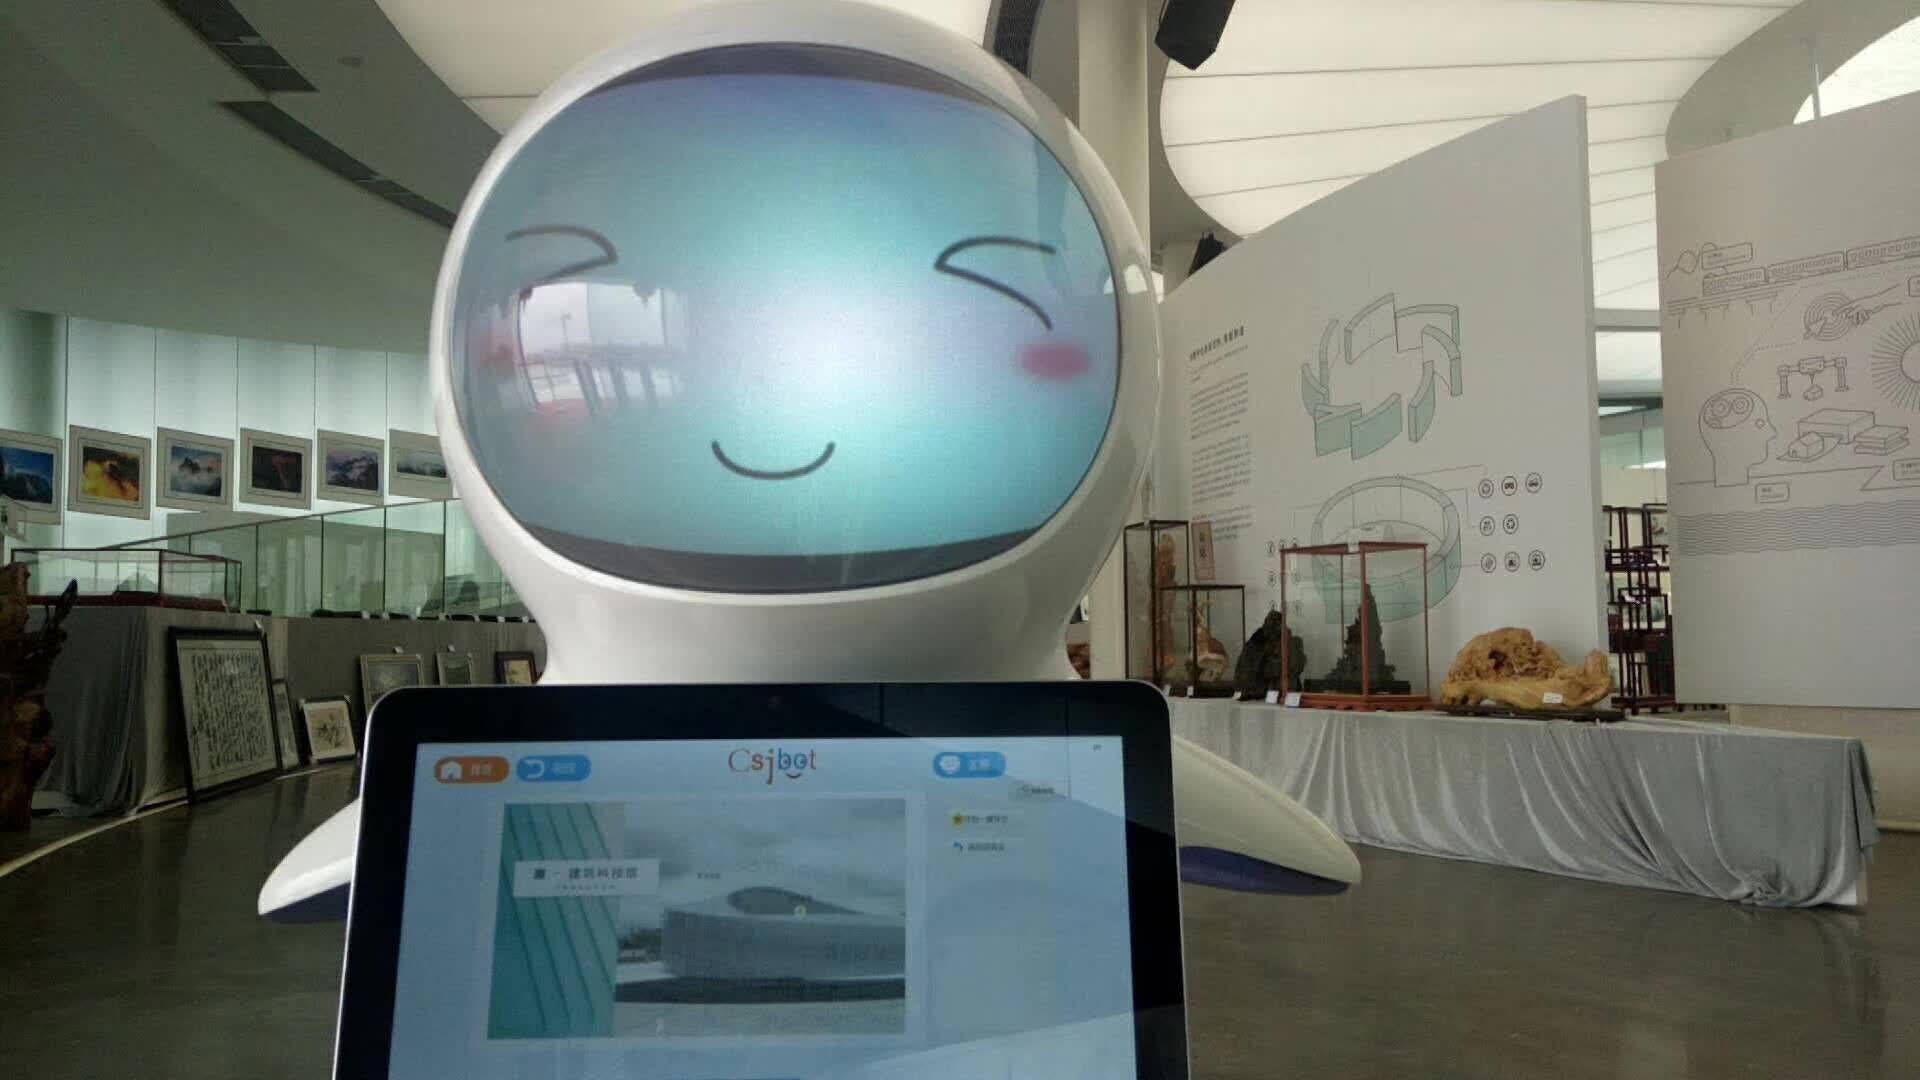 嘉兴知名公共服务机器人多少钱 诚信经营 昆山新正源机器人智能科技供应